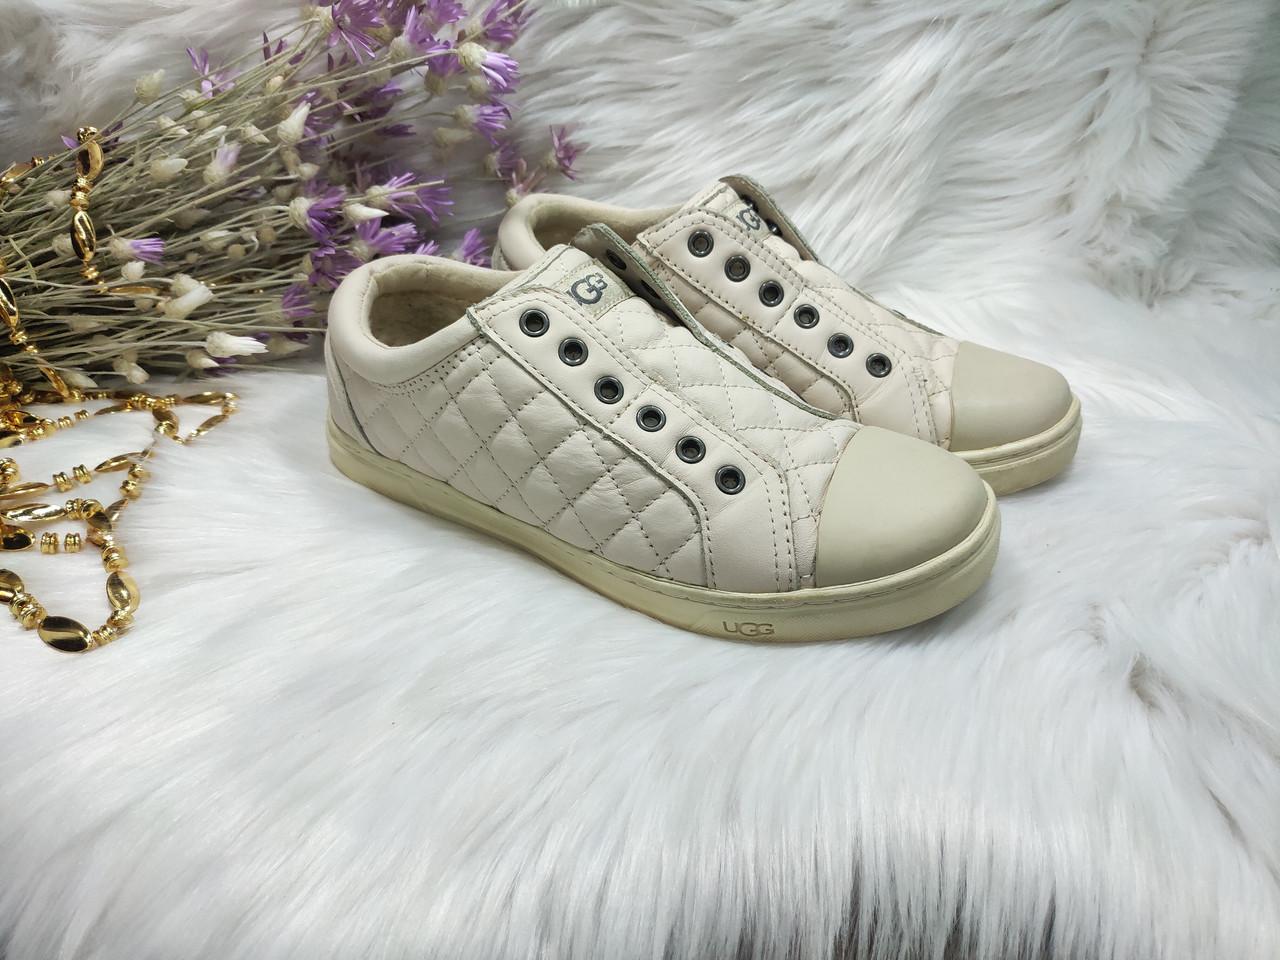 Женские кроссовки Ugg Australia (35 размер) бу